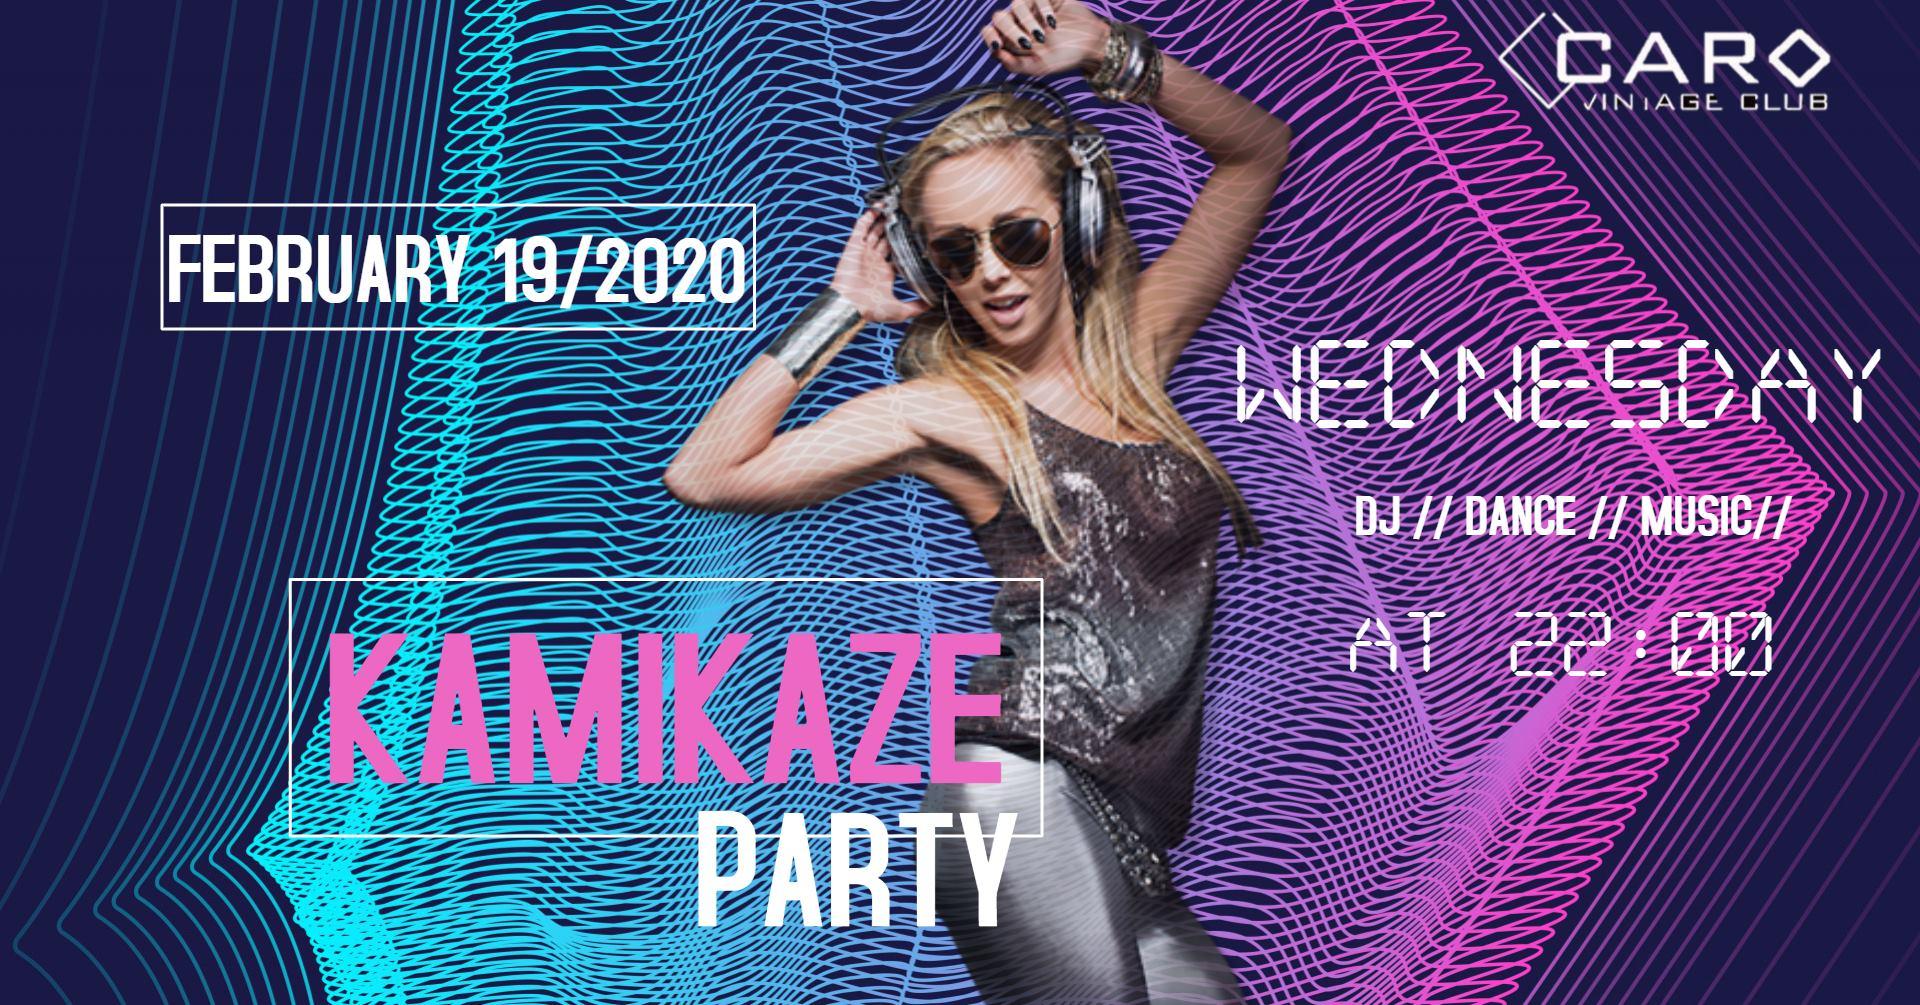 Kamikaze Party @ Caro Club